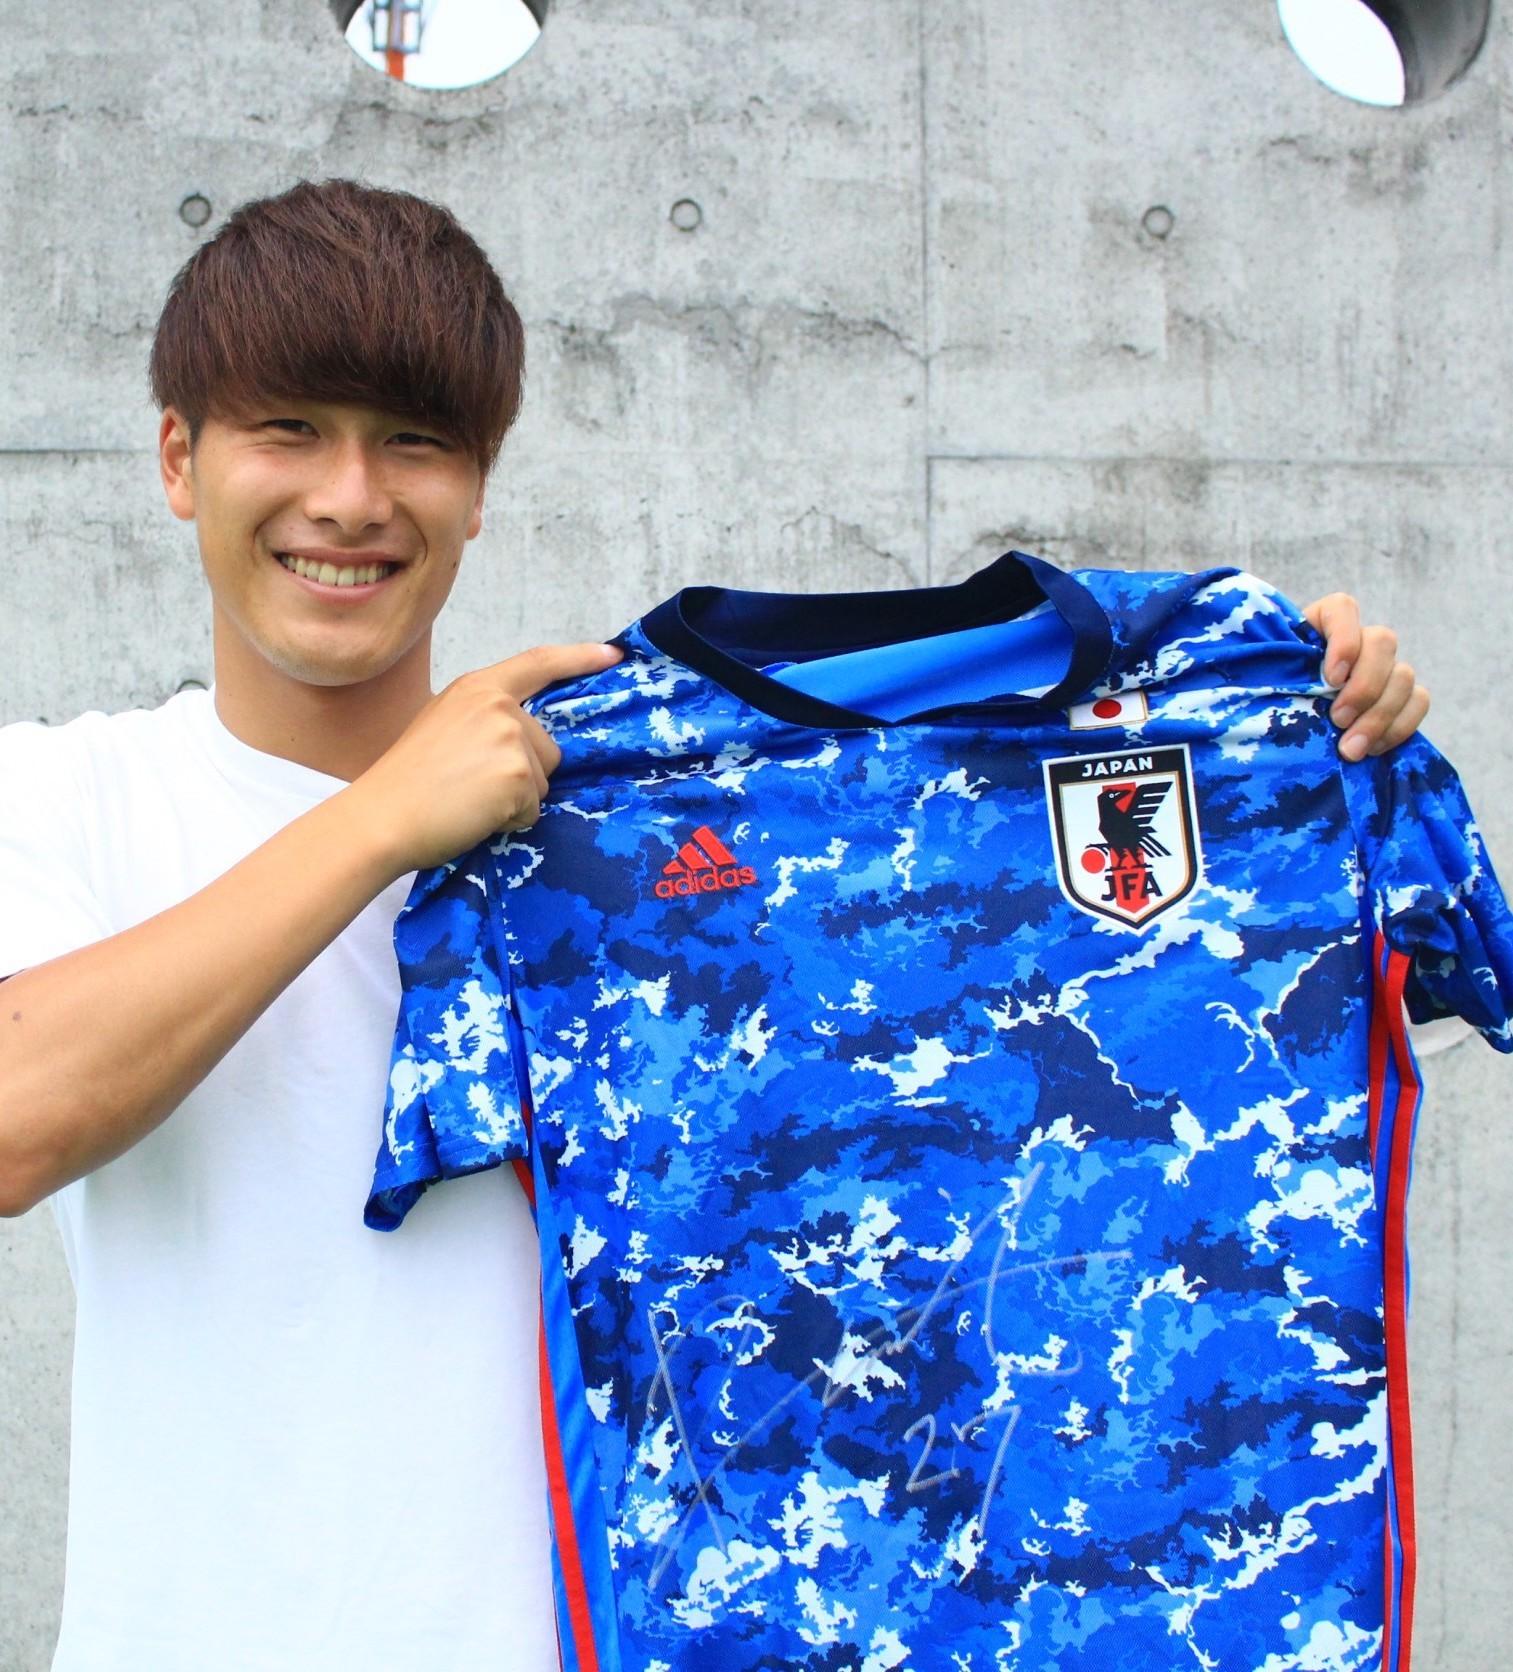 【直筆サイン入り公式】U-23日本代表 橋岡 大樹 選手(浦和レッズ)